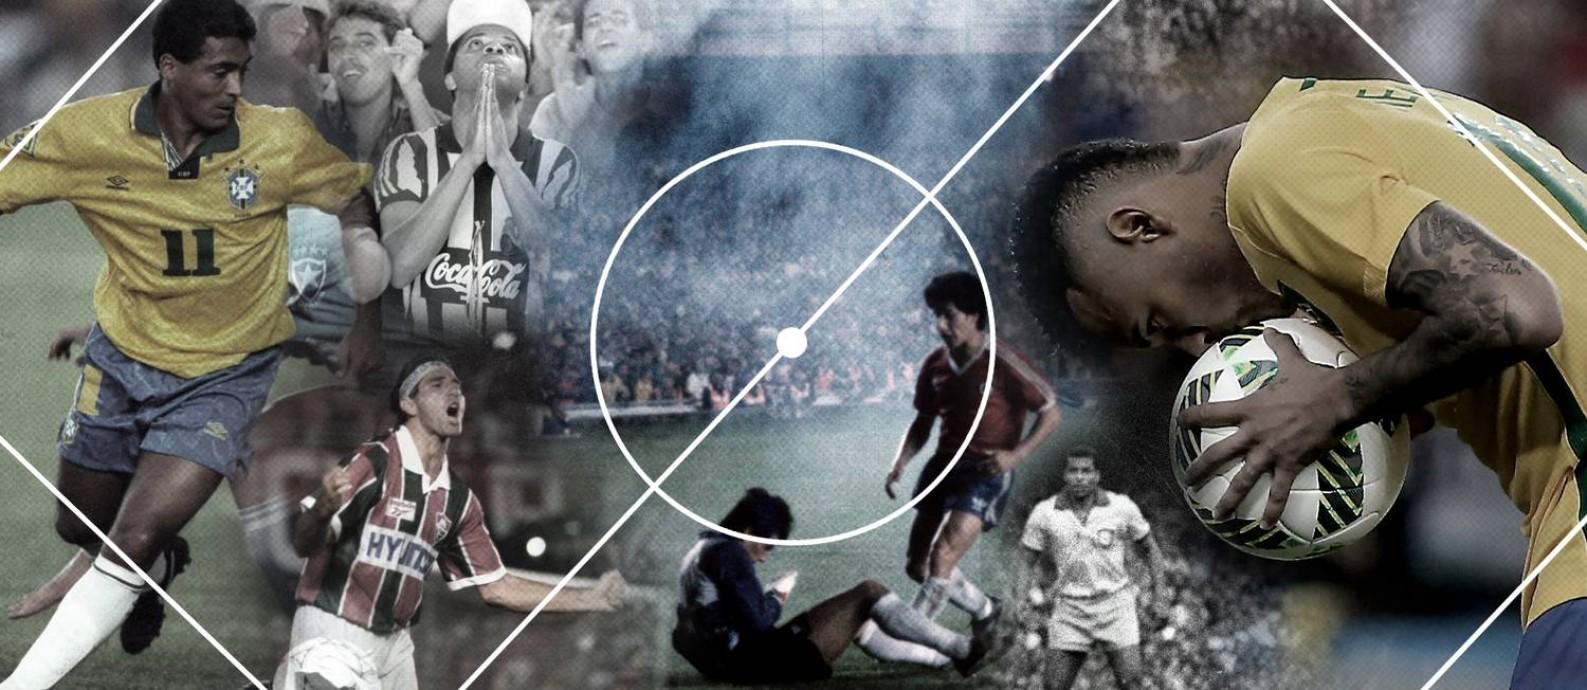 Última parte do ranking de maiores jogos da história do Maracanã: do 1º ao 10º lugares Foto: Editoria de Arte